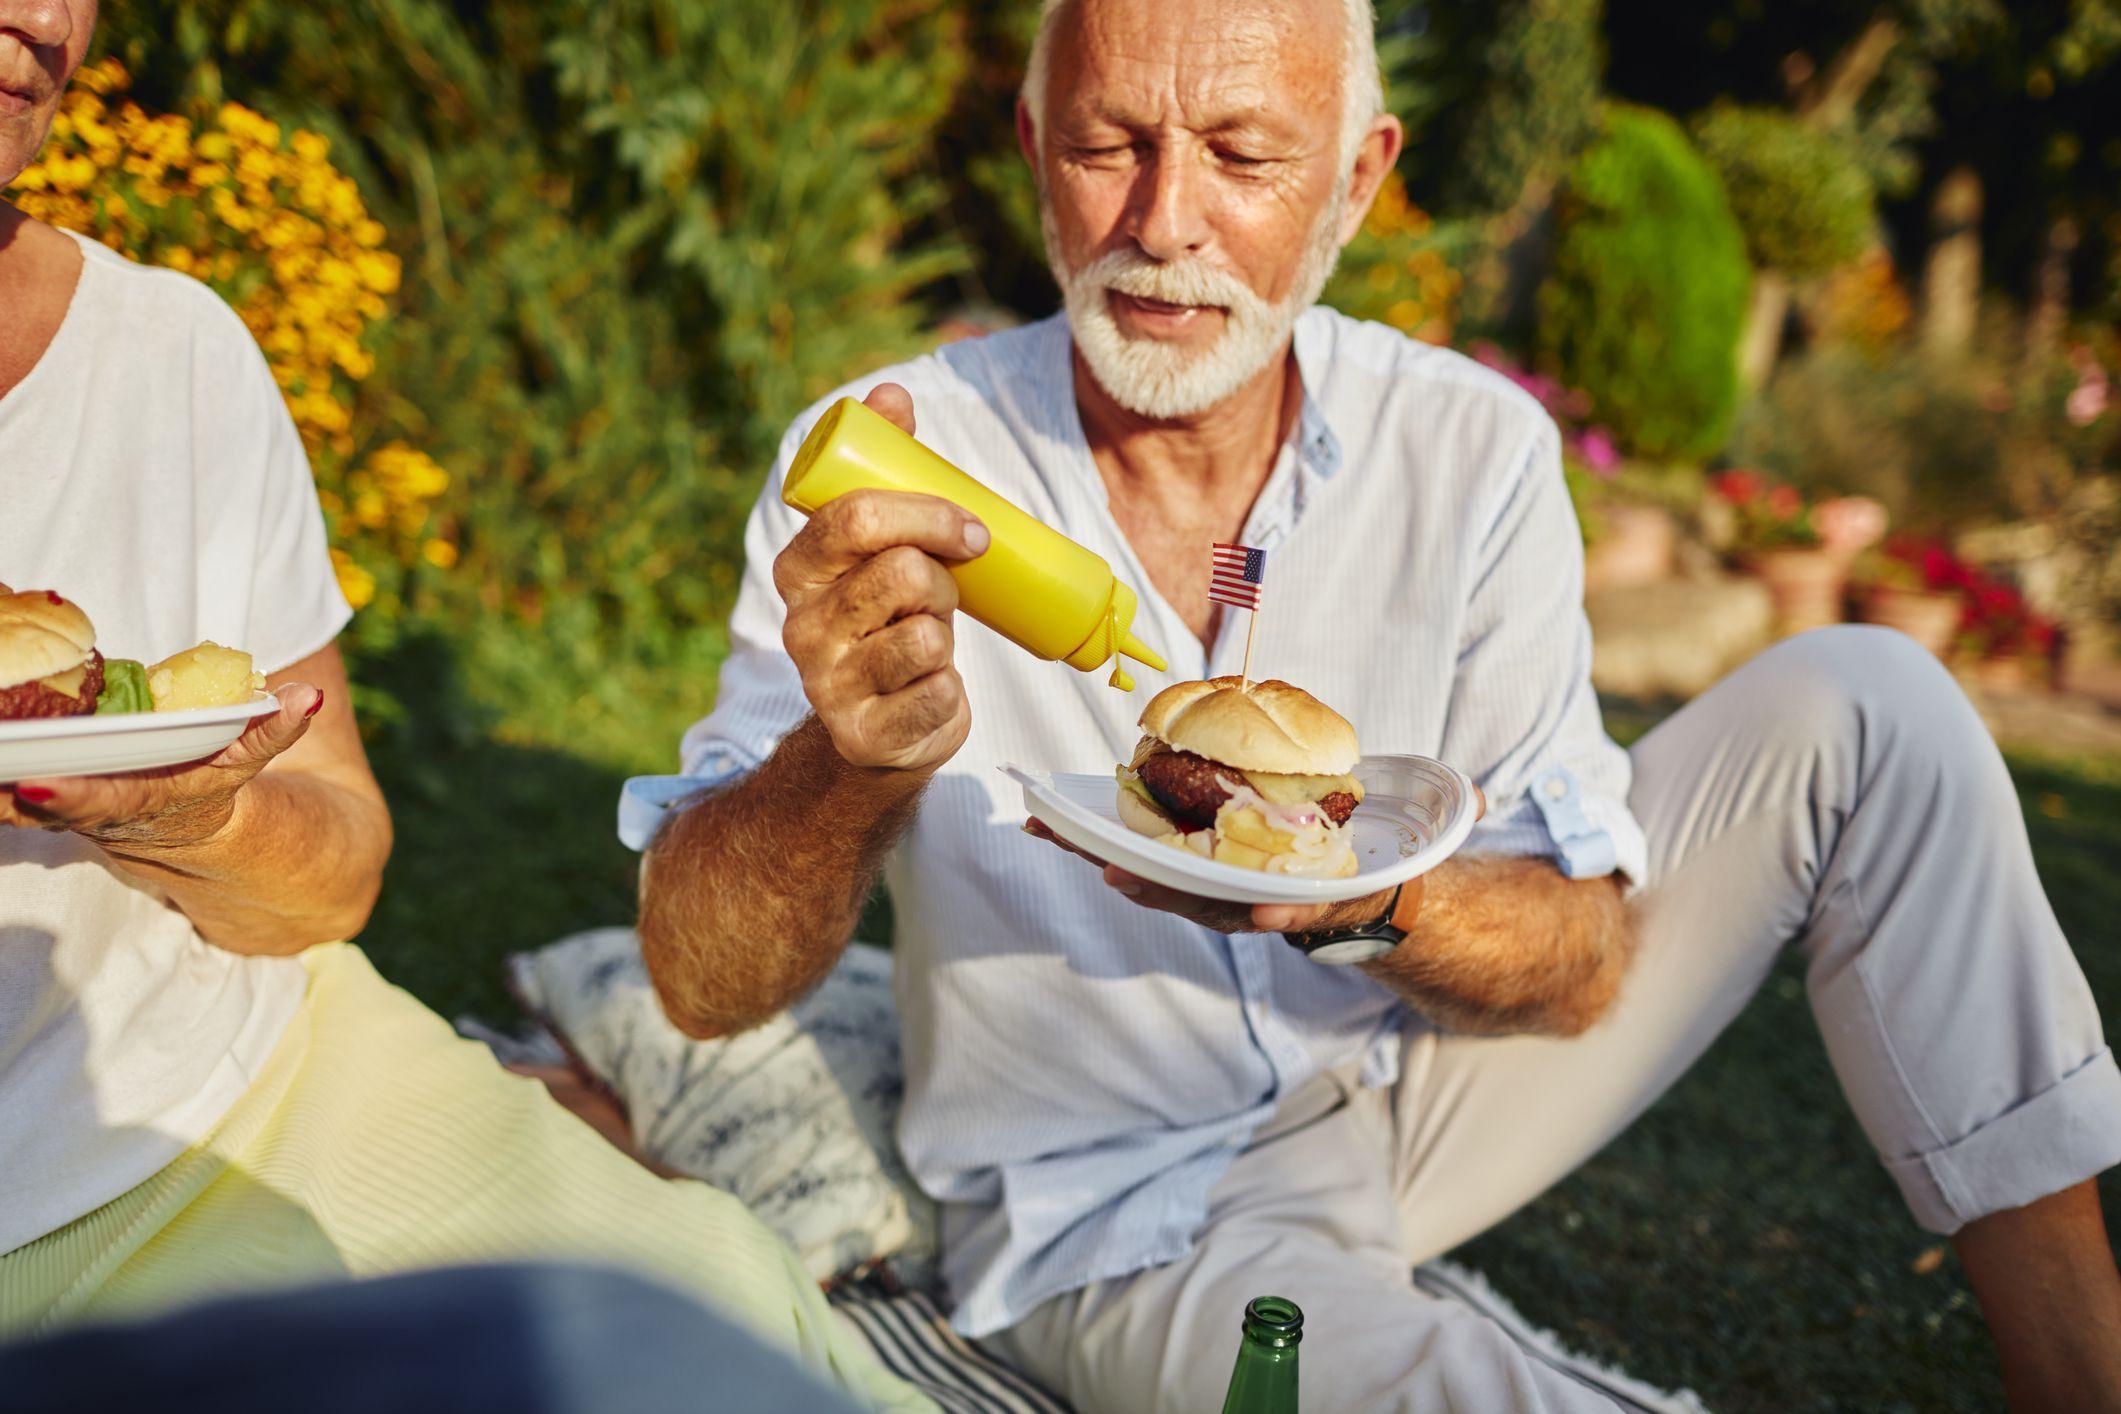 Perda de apetite em idosos: como lidar?